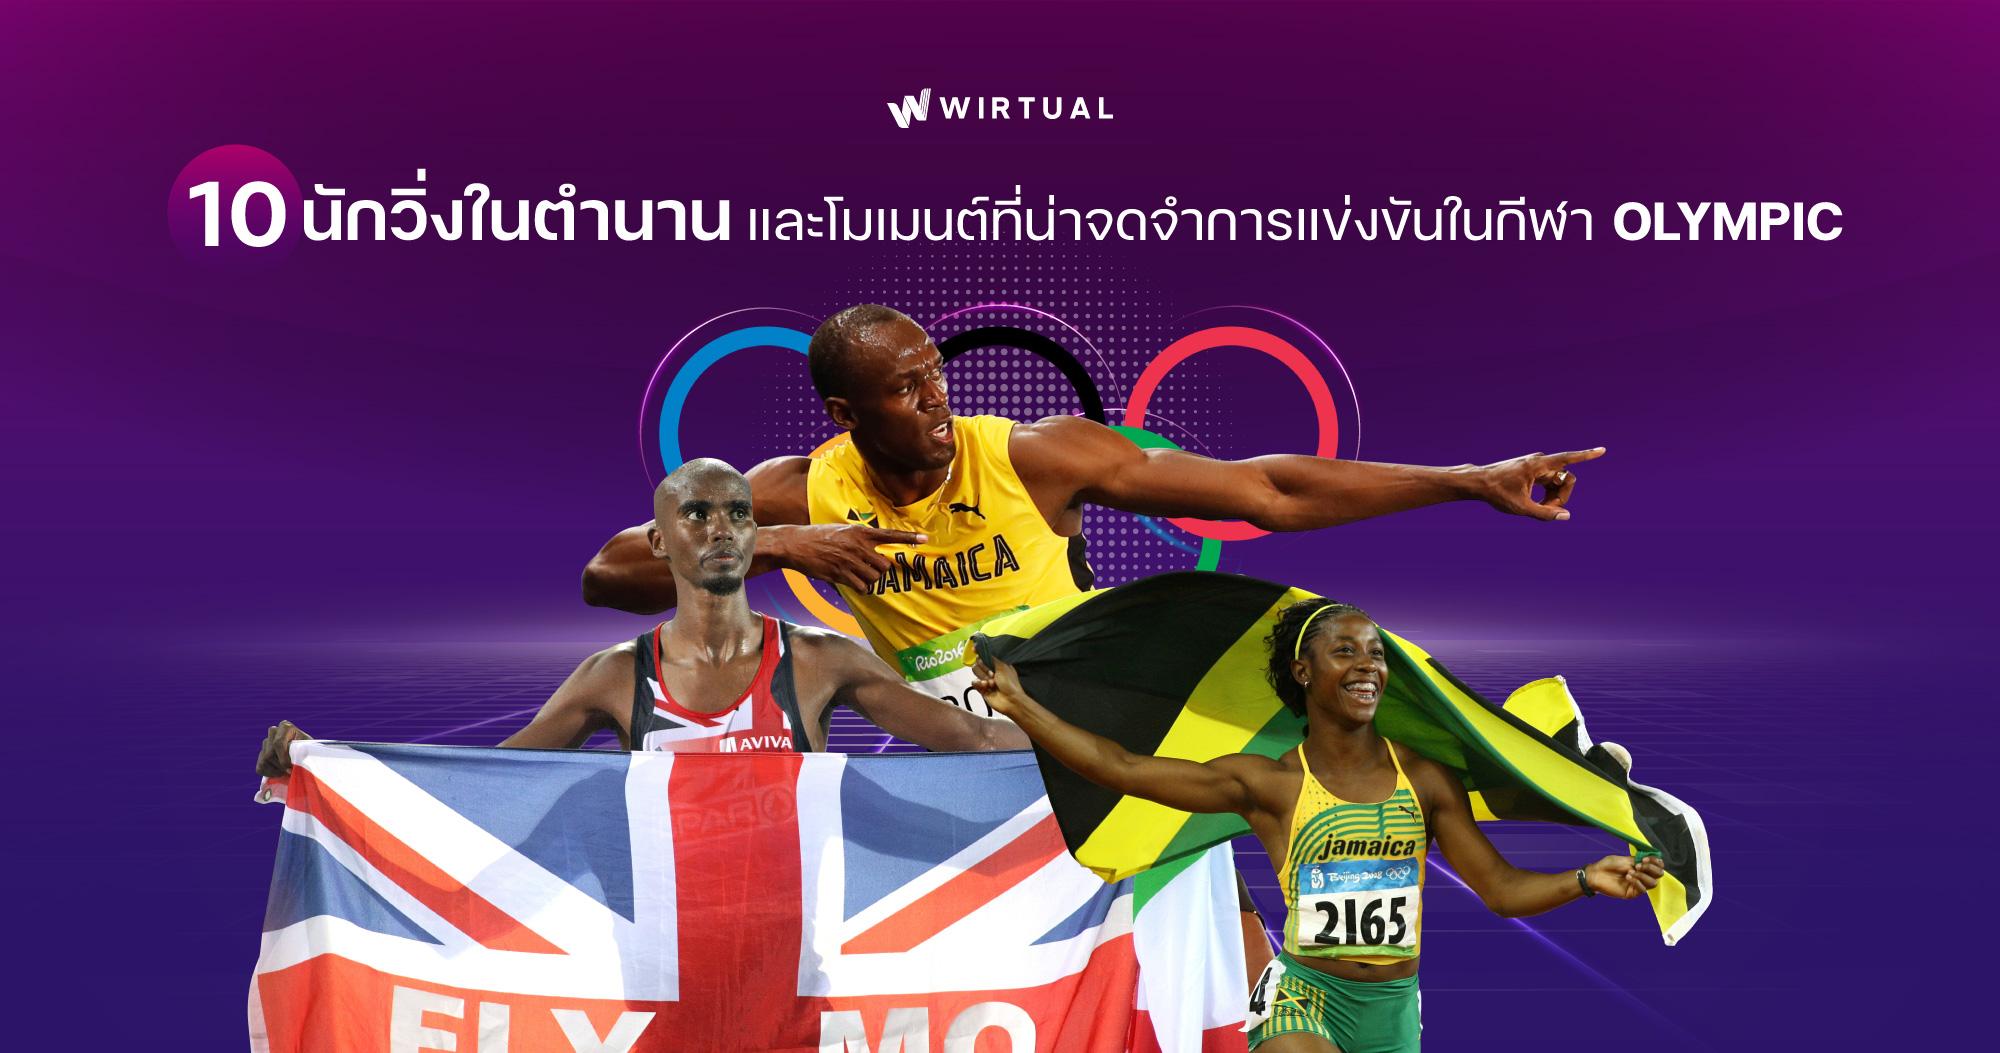 10 นักวิ่งในตำนานและโมเมนต์ที่น่าจดจำการแข่งขันในกีฬา Olympic